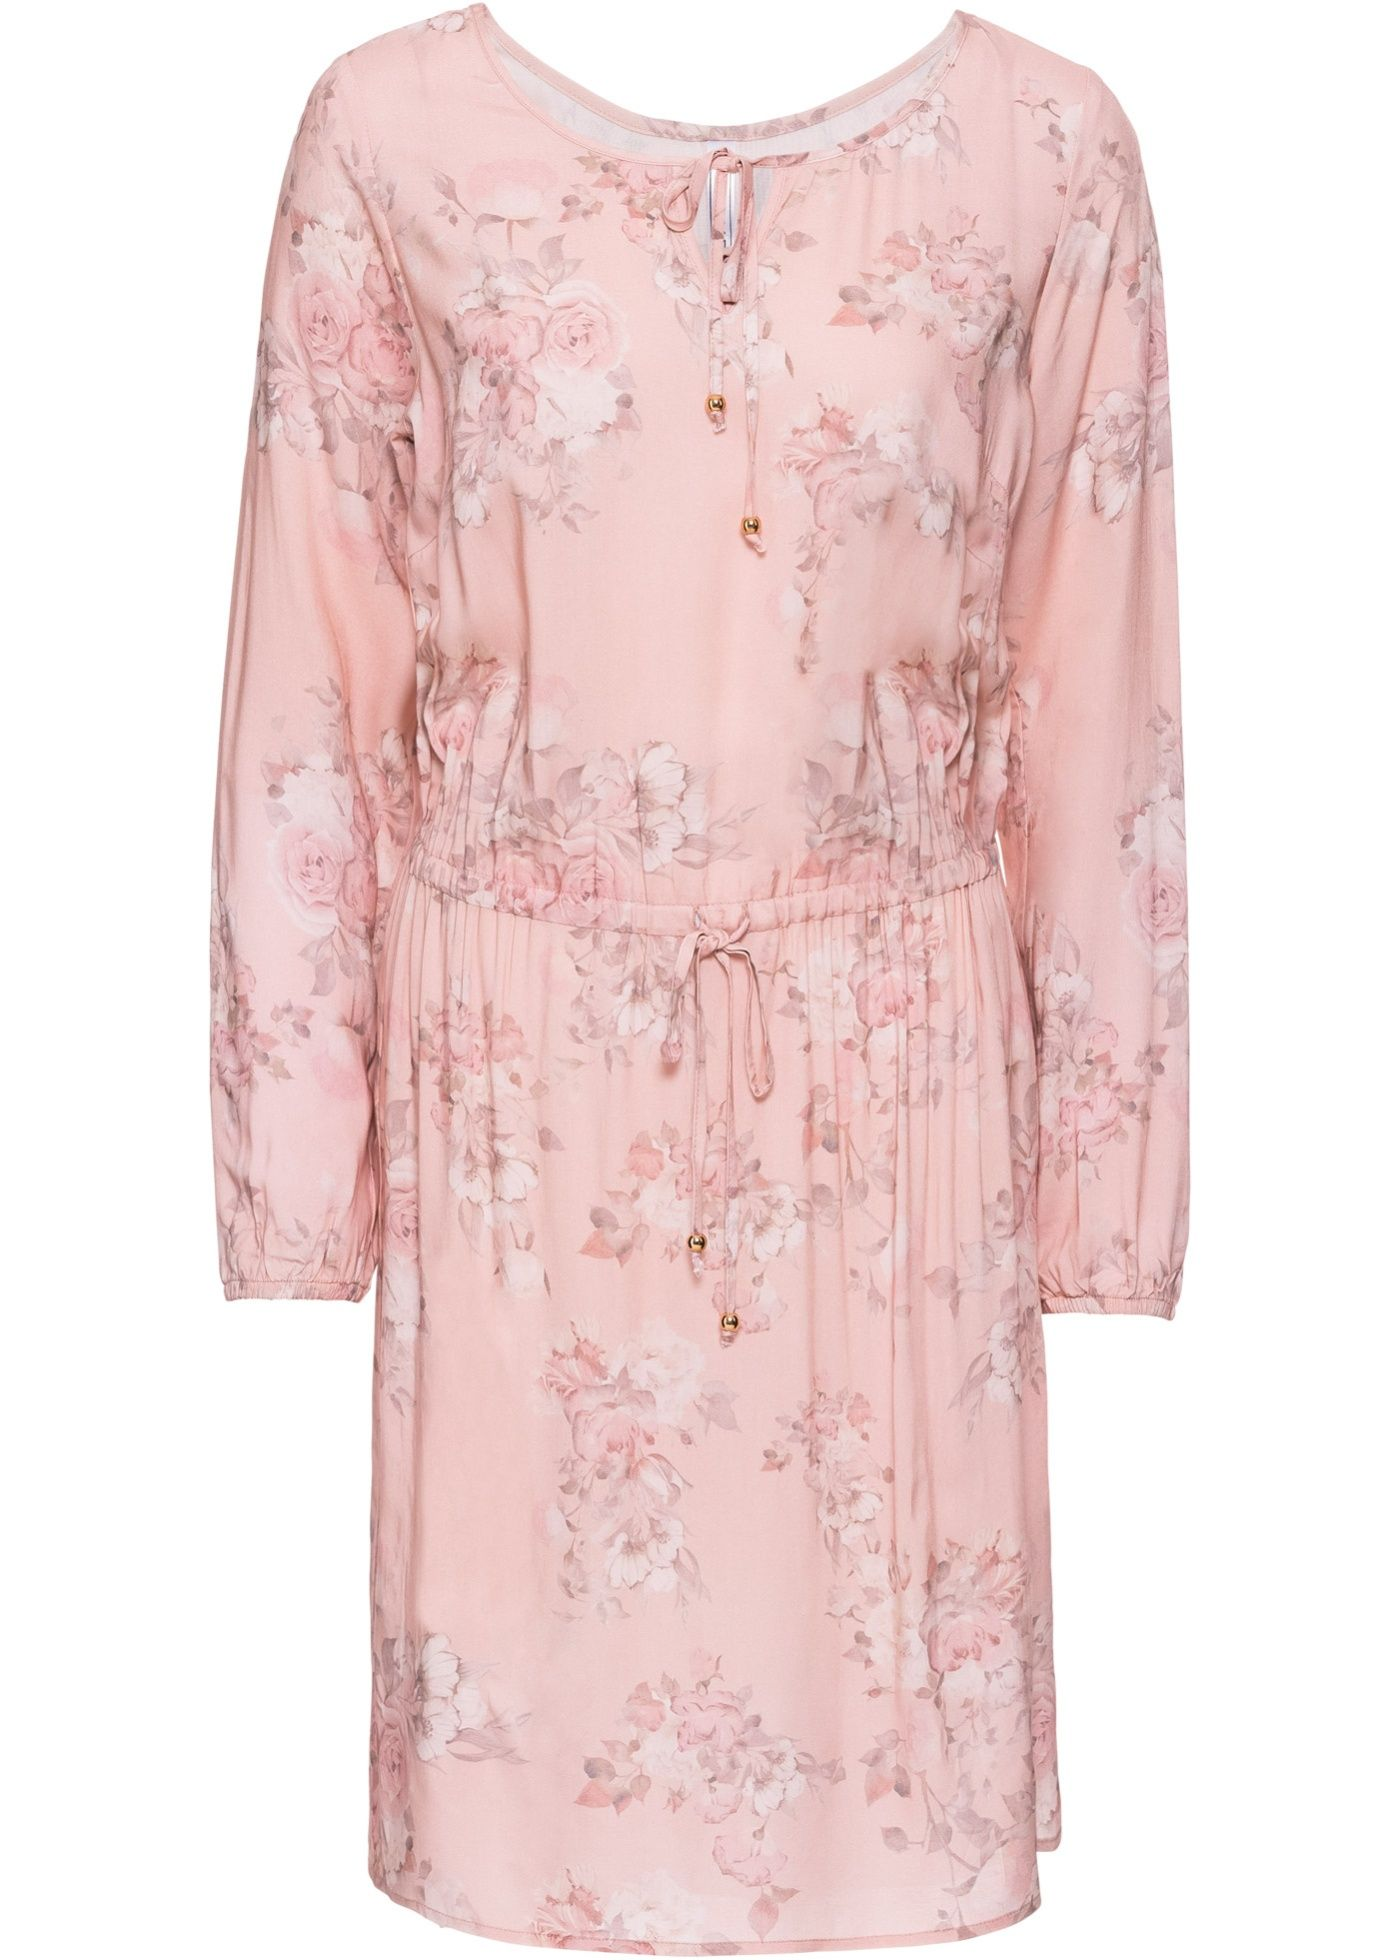 Kleid Mit Gummizug Bequeme Mode Rosa Spitzenkleider Und Altrosa